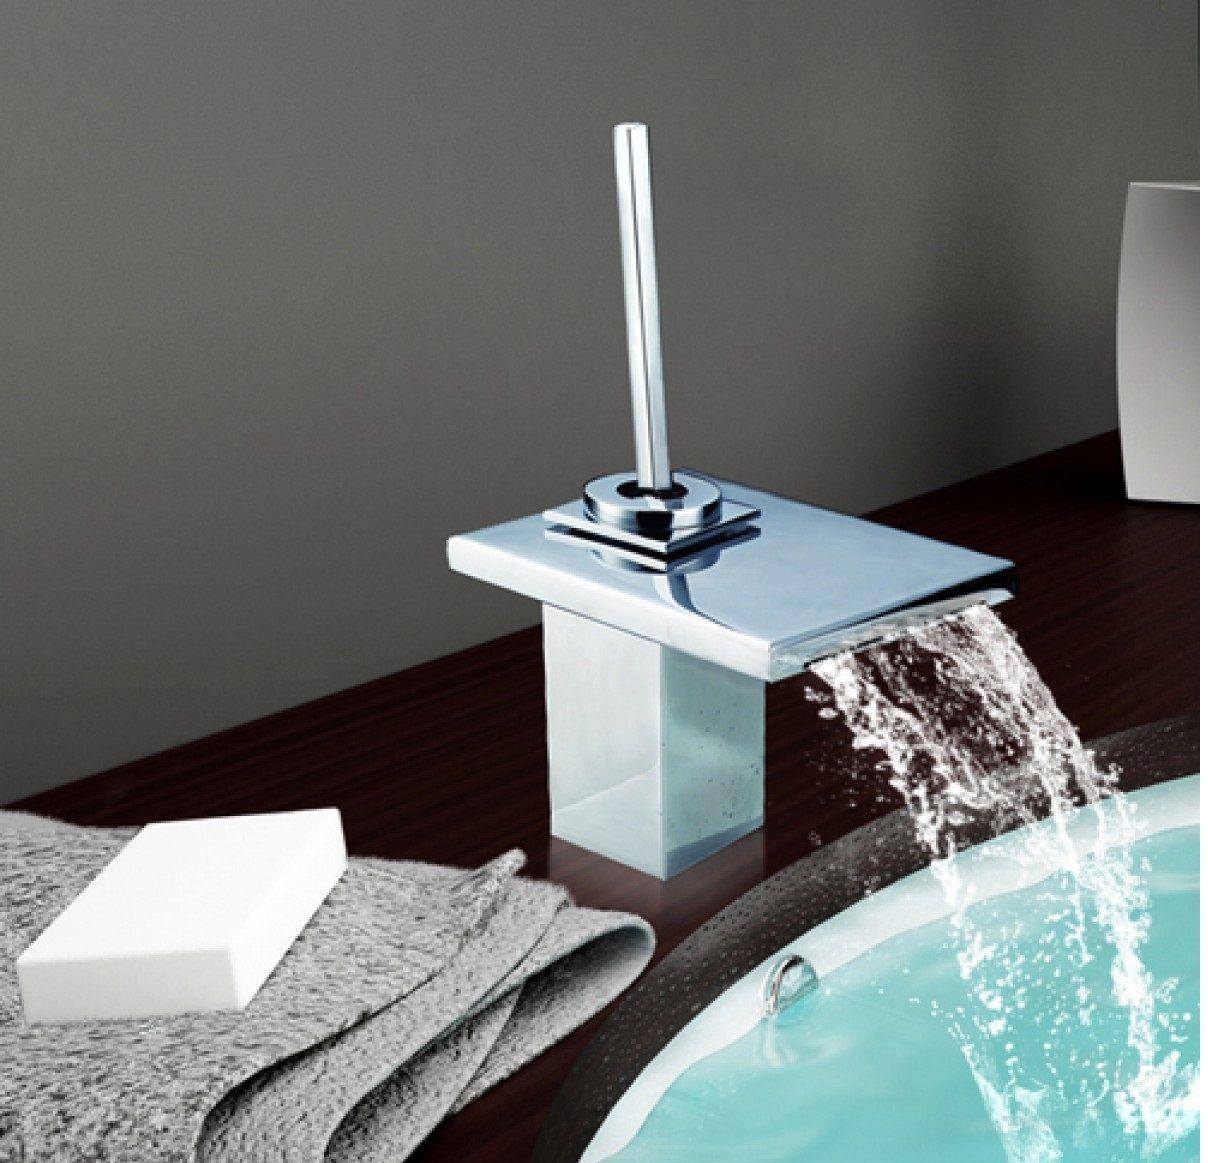 Rubinetti miscelatori bagno effetto cascata led - Rubinetto bagno cascata ...